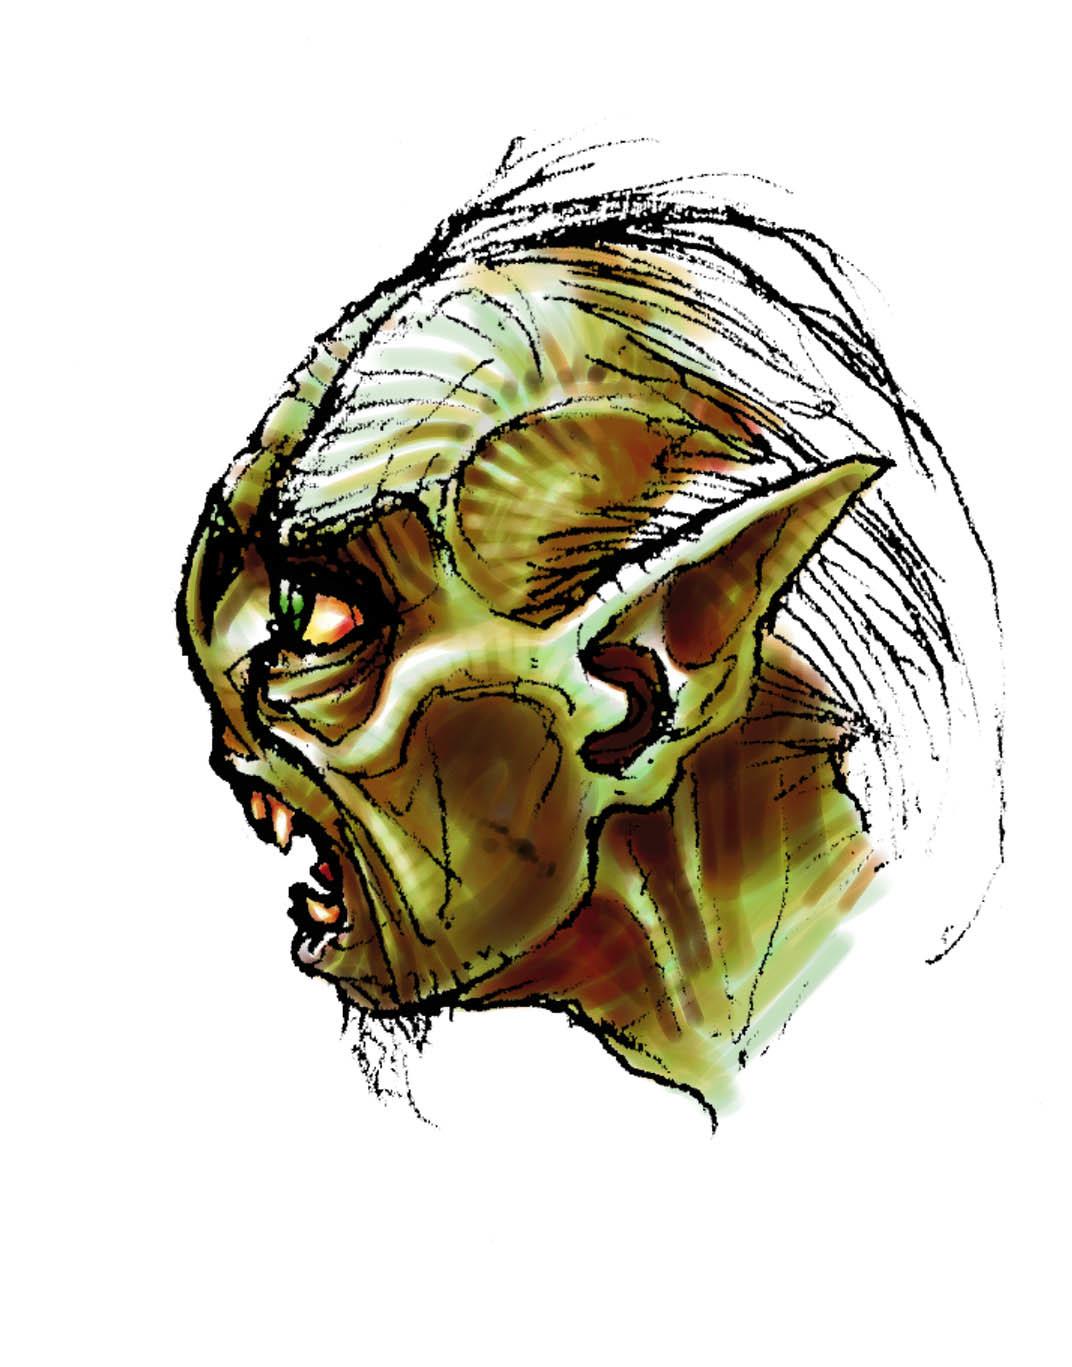 Midhat kapetanovic goblin2 copy